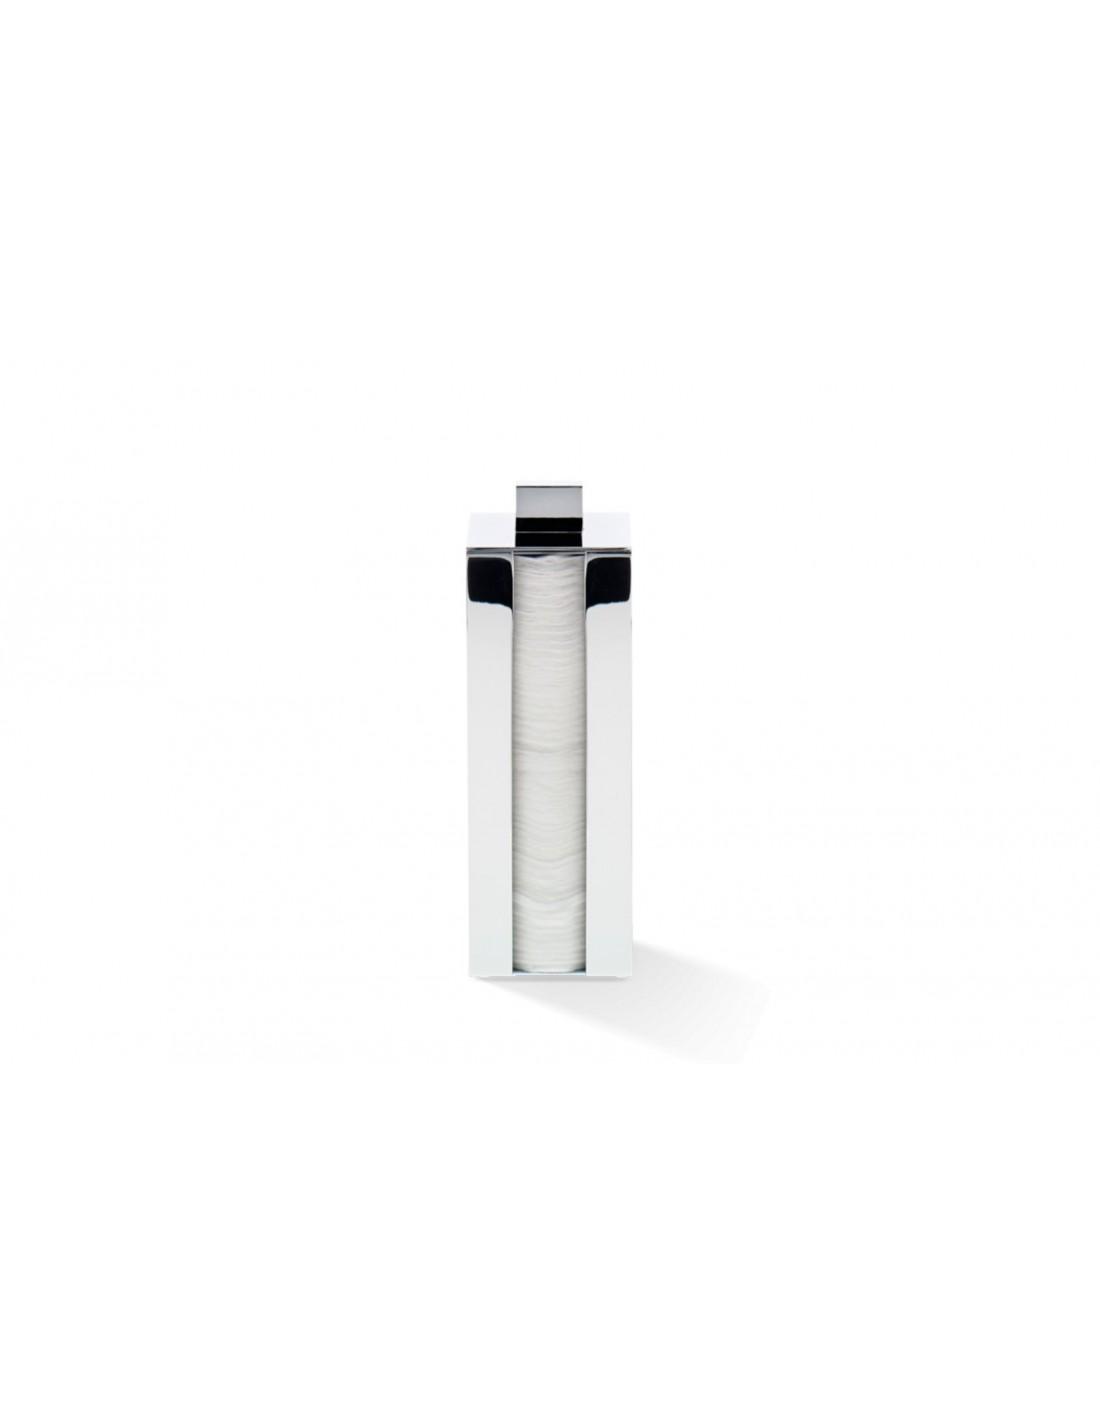 Boîte à cotons DW 3680 chromé Decor Walther - Valente Design